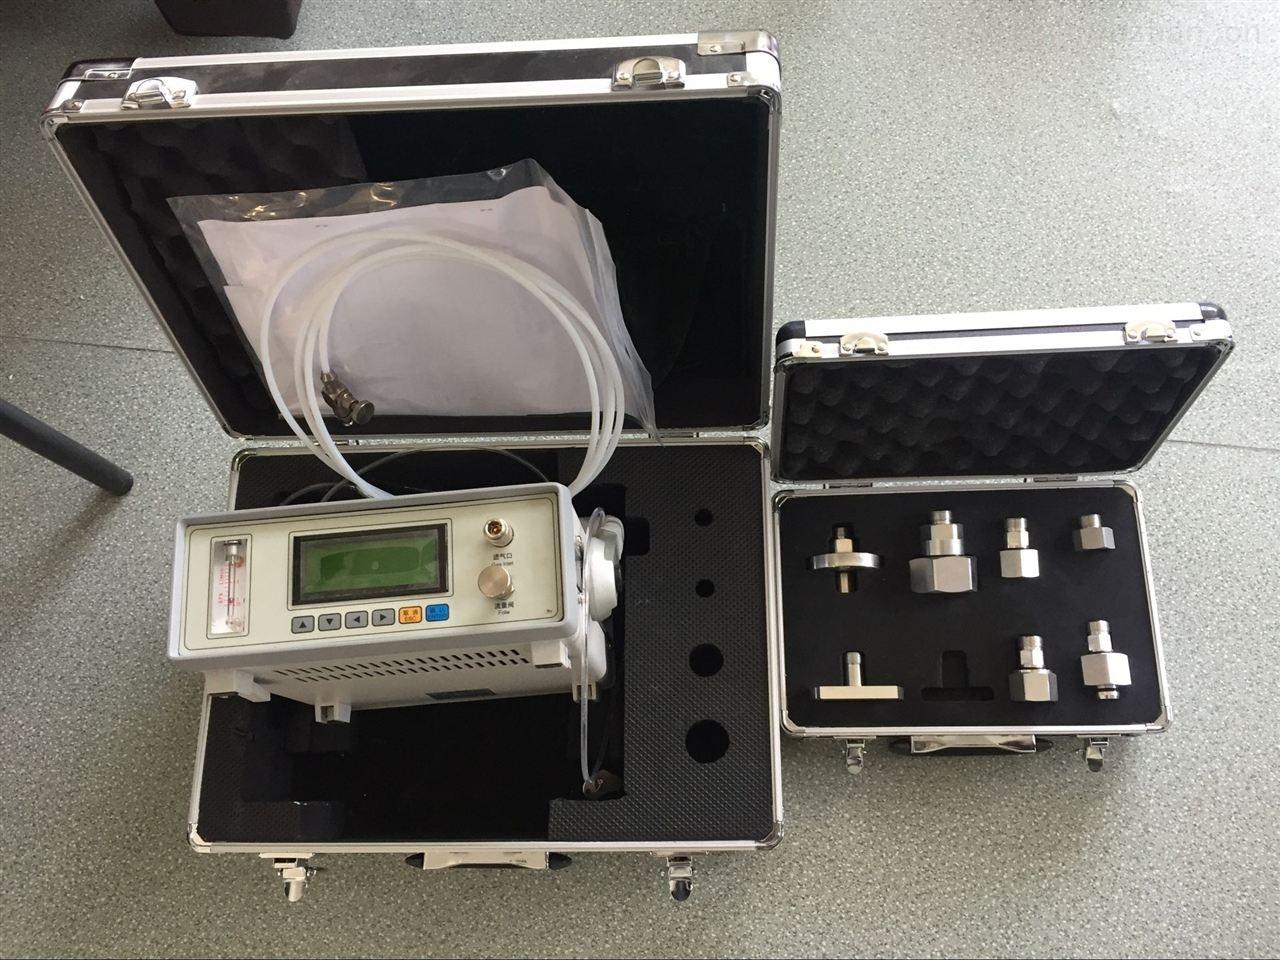 SF6微水仪检测仪器